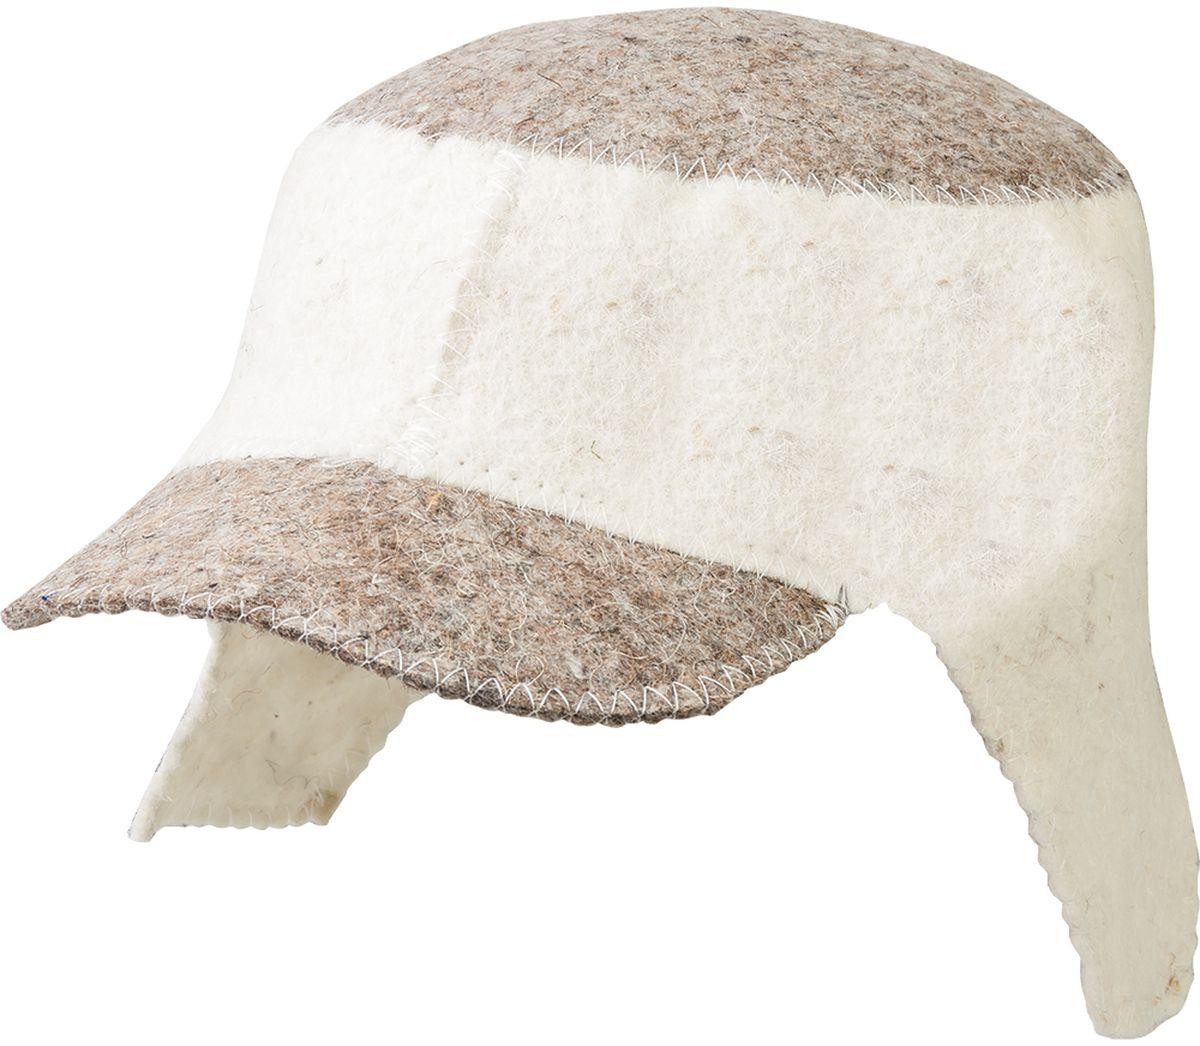 Шапка для бани и сауны Hot Pot Кепка Комби41186Шапка для бани и сауны Hot Pot — это необходимый аксессуар при посещении парной. Такая шапка защитит от головокружения и перегрева головы, а также предотвратит ломкость и сухость волос. Изделие замечательно впитывает влагу, хорошо сидит на голове, обеспечивает комфорт и удовольствие от отдыха в парилке. Незаменима в традиционной русской бане, также используется в финских саунах, где температура сухого воздуха может достигать 100°С. Шапка выполнена в оригинальном дизайне.